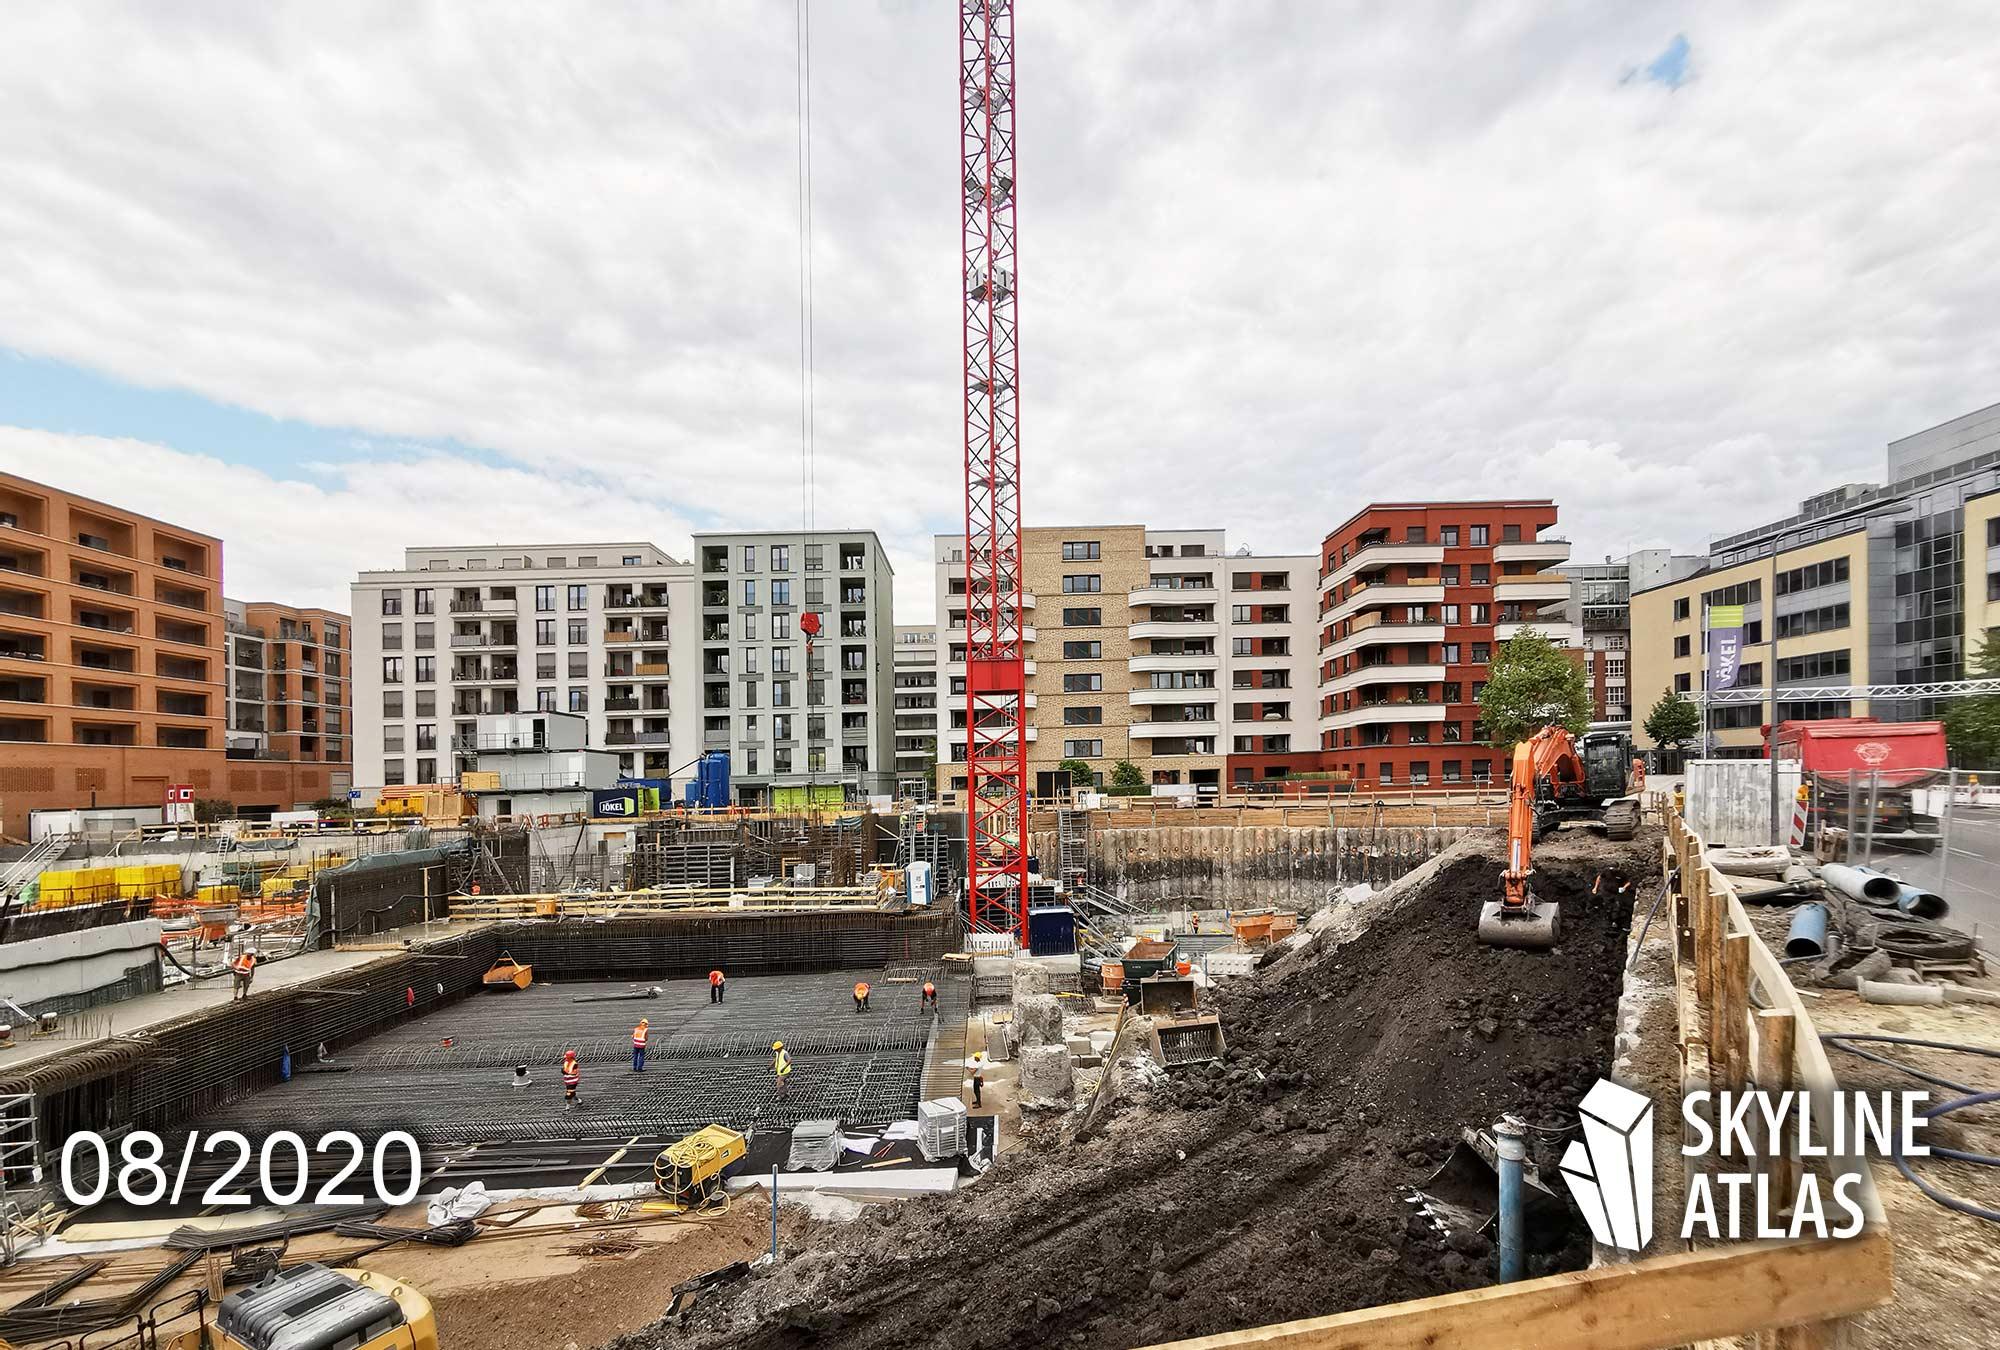 Neubau Ostend Frankfurt Eastside - Fundament Bauarbeiten - Wohnungen Ostend - Eigentumswohnungen Ostend